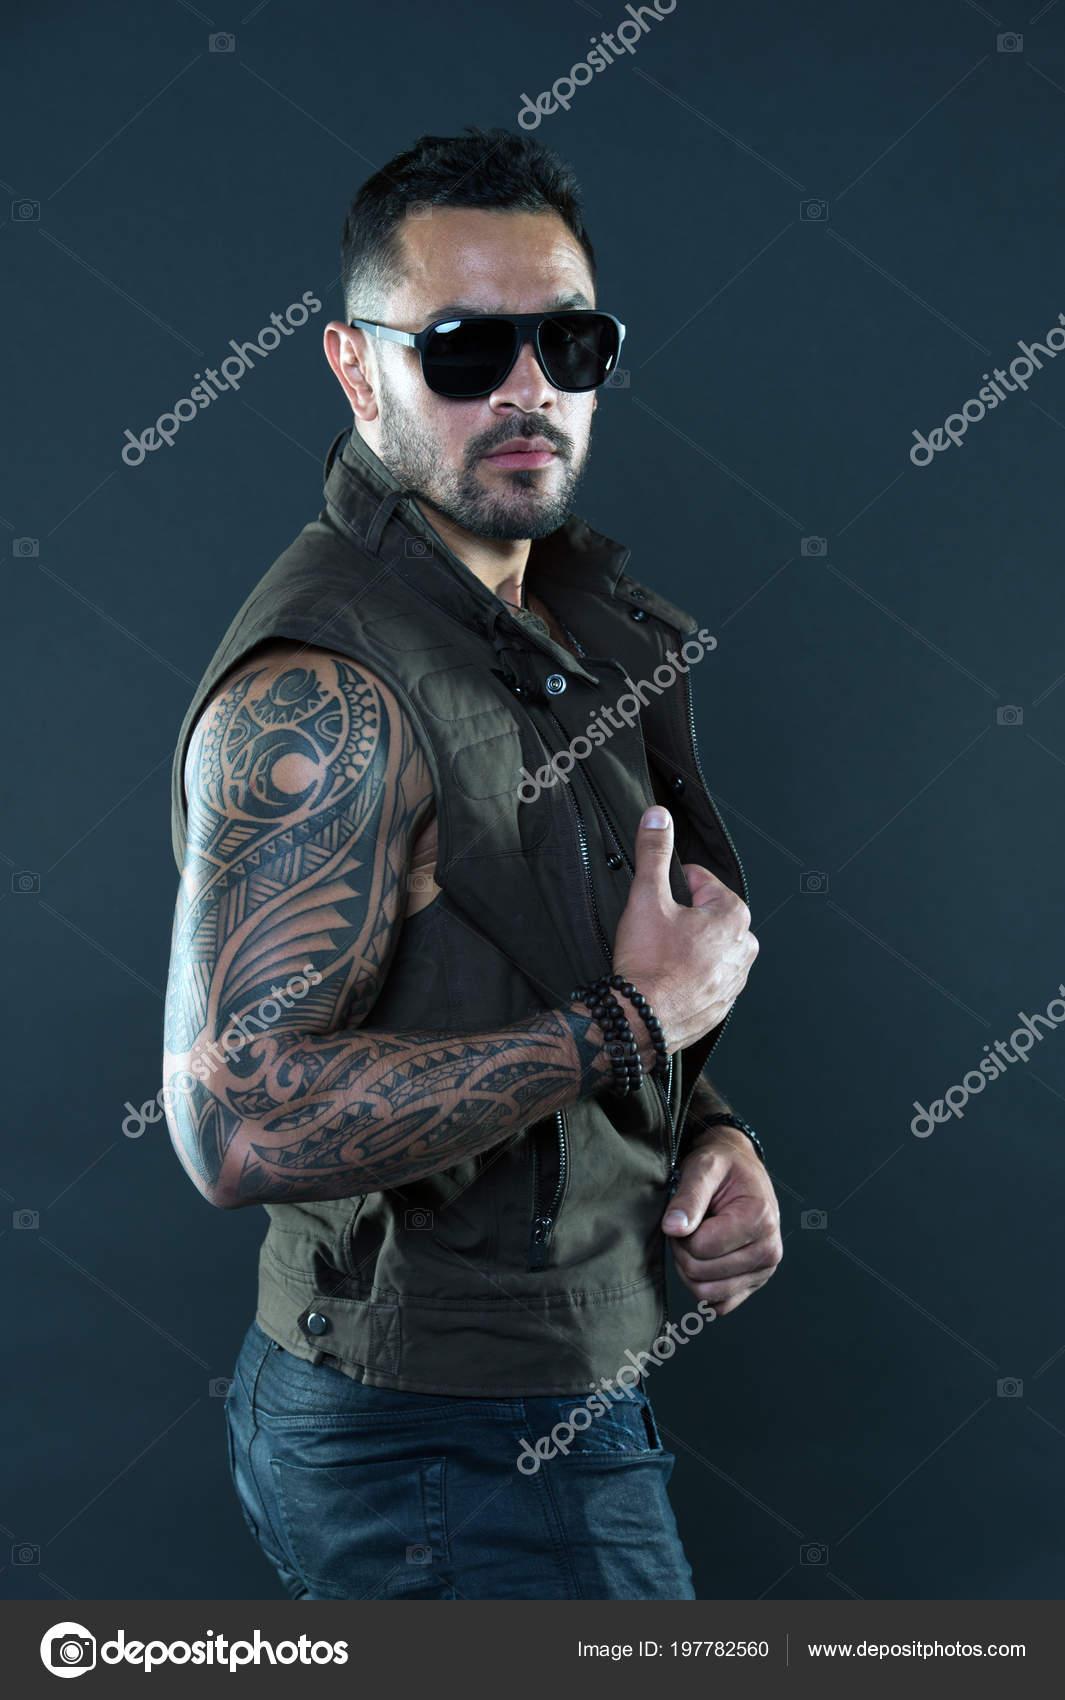 Fotos Hombres Tatuados Con Barba Hombre Tatuado Con Bíceps Y